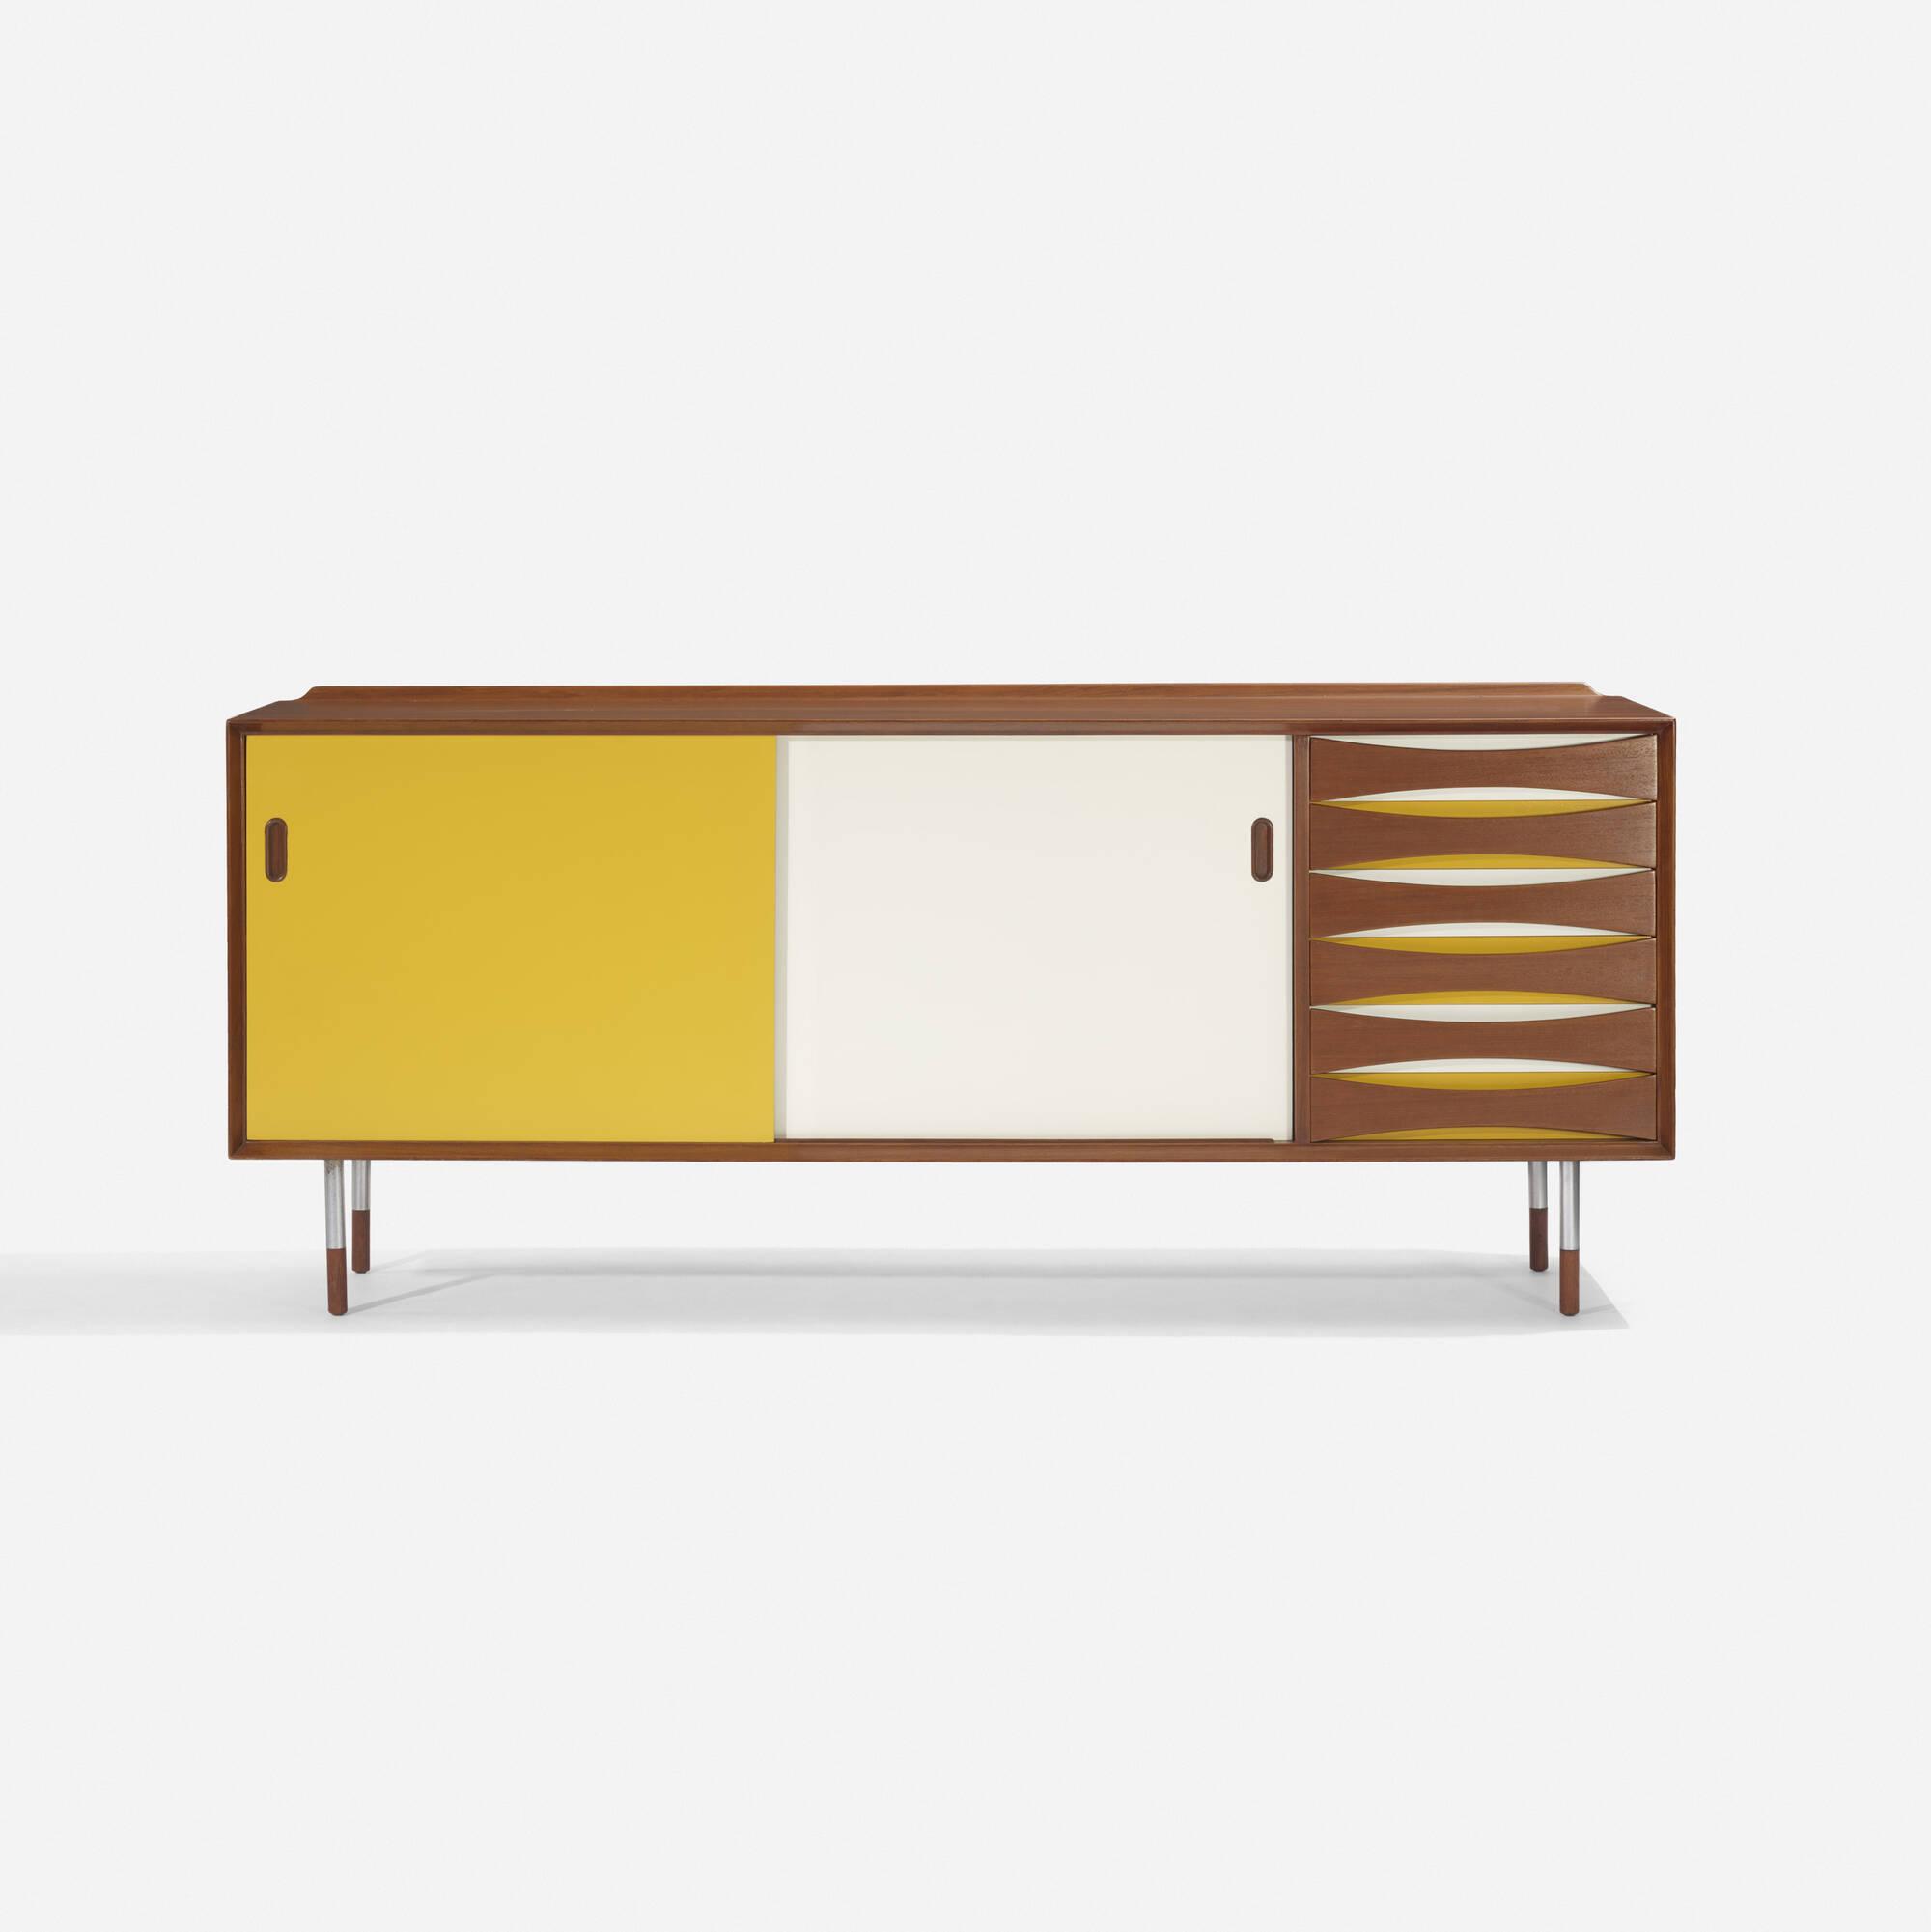 103: Arne Vodder / cabinet (1 of 4)